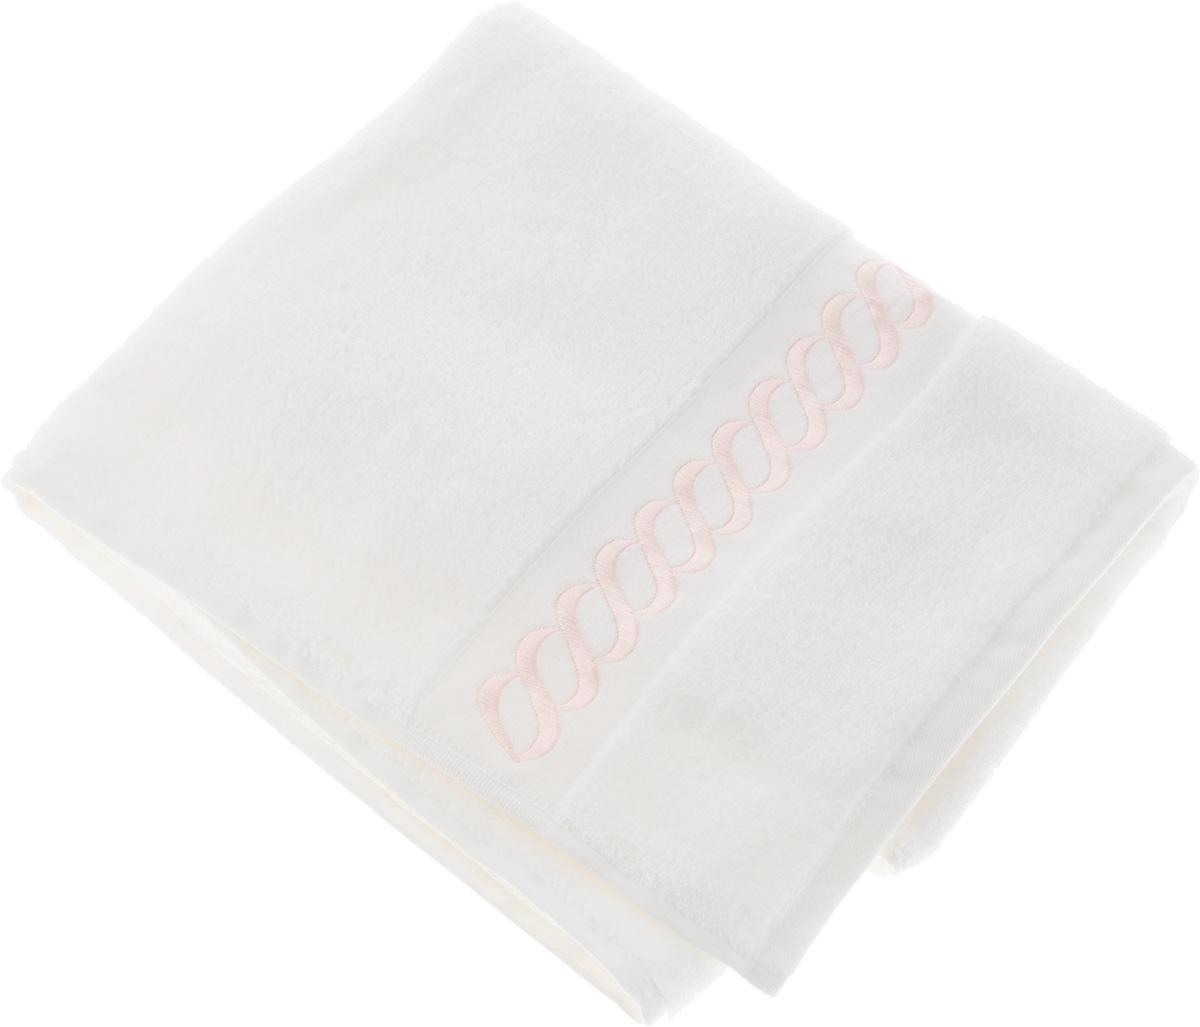 Полотенце махровое Issimo Home Pauline, цвет: белый, розовый, 90 x 150 см4726Полотенце Issimo Home Pauline выполнено из натуральной махровой ткани (100% хлопок). Изделие отлично впитывает влагу, быстро сохнет и не теряет форму даже после многократных стирок. Рекомендации по уходу: - режим стирки при 40°C, - допускается обычная химчистка, - отбеливание запрещено, - глажка при температуре подошвы утюга до 110°С, - барабанный отжим запрещен. Размер полотенца: 90 x 150 см.